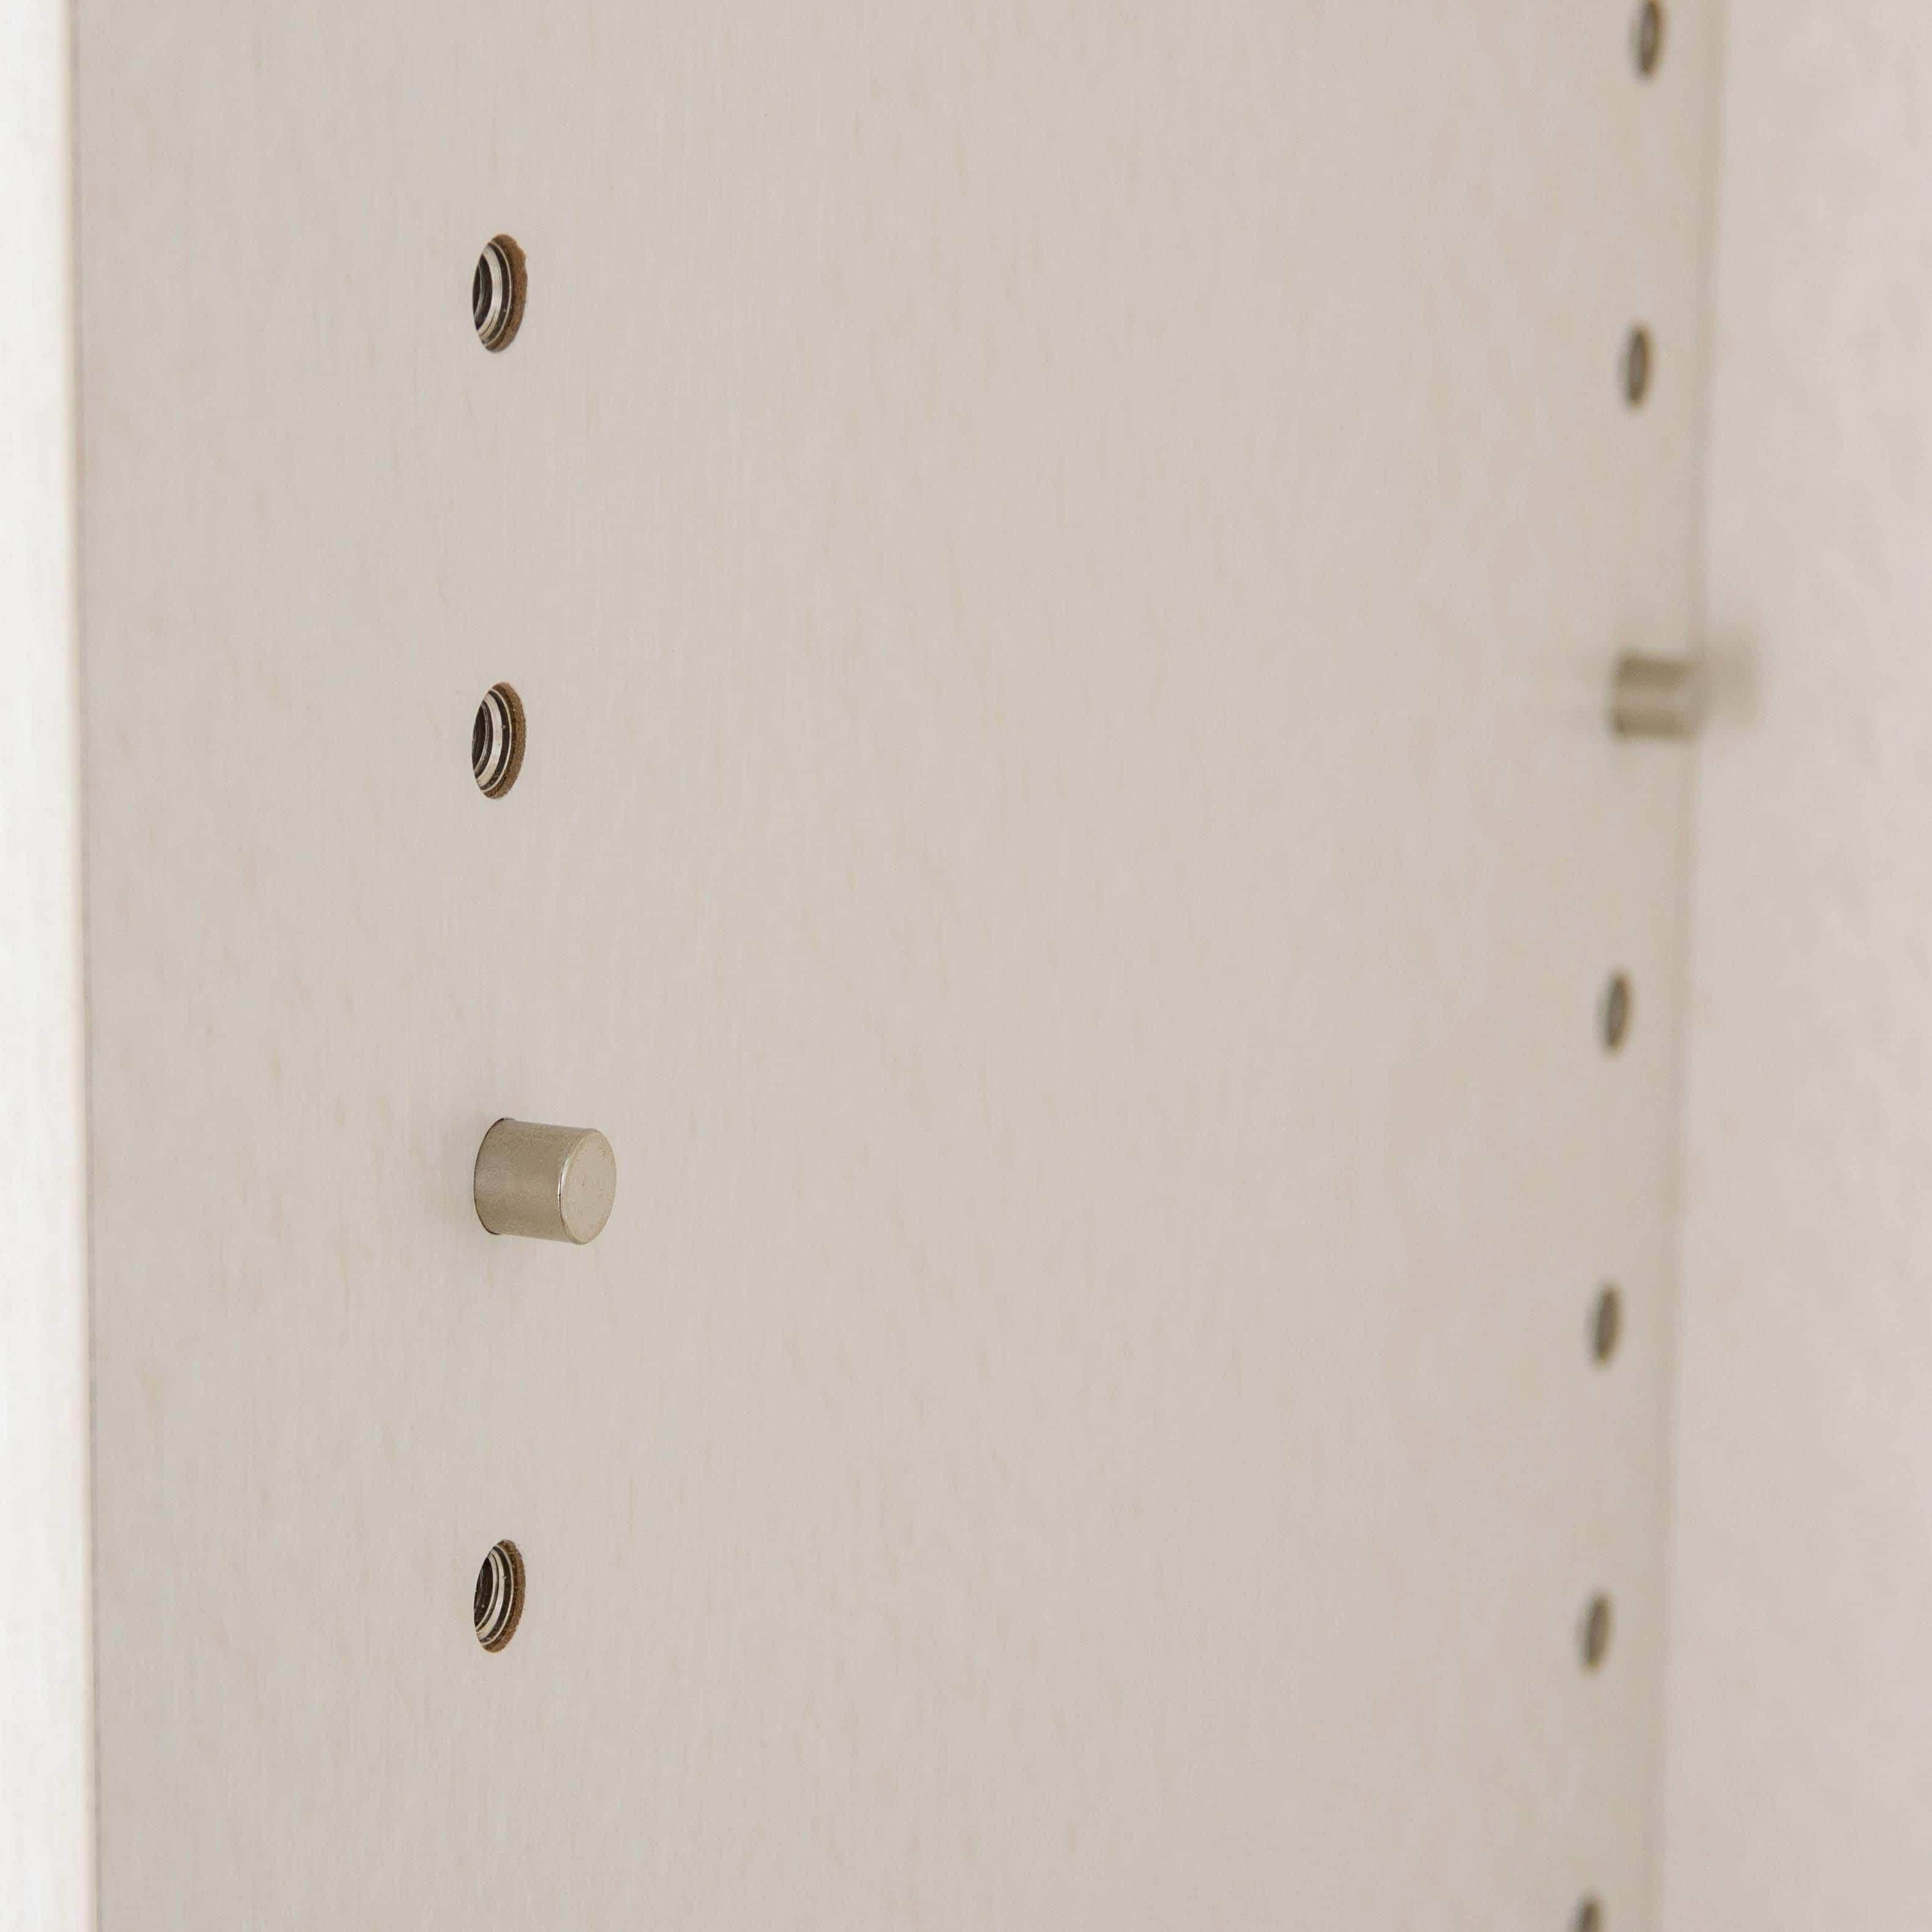 小島工芸 引出 アコード60用(ホワイト):キレイに収まる魅せる収納